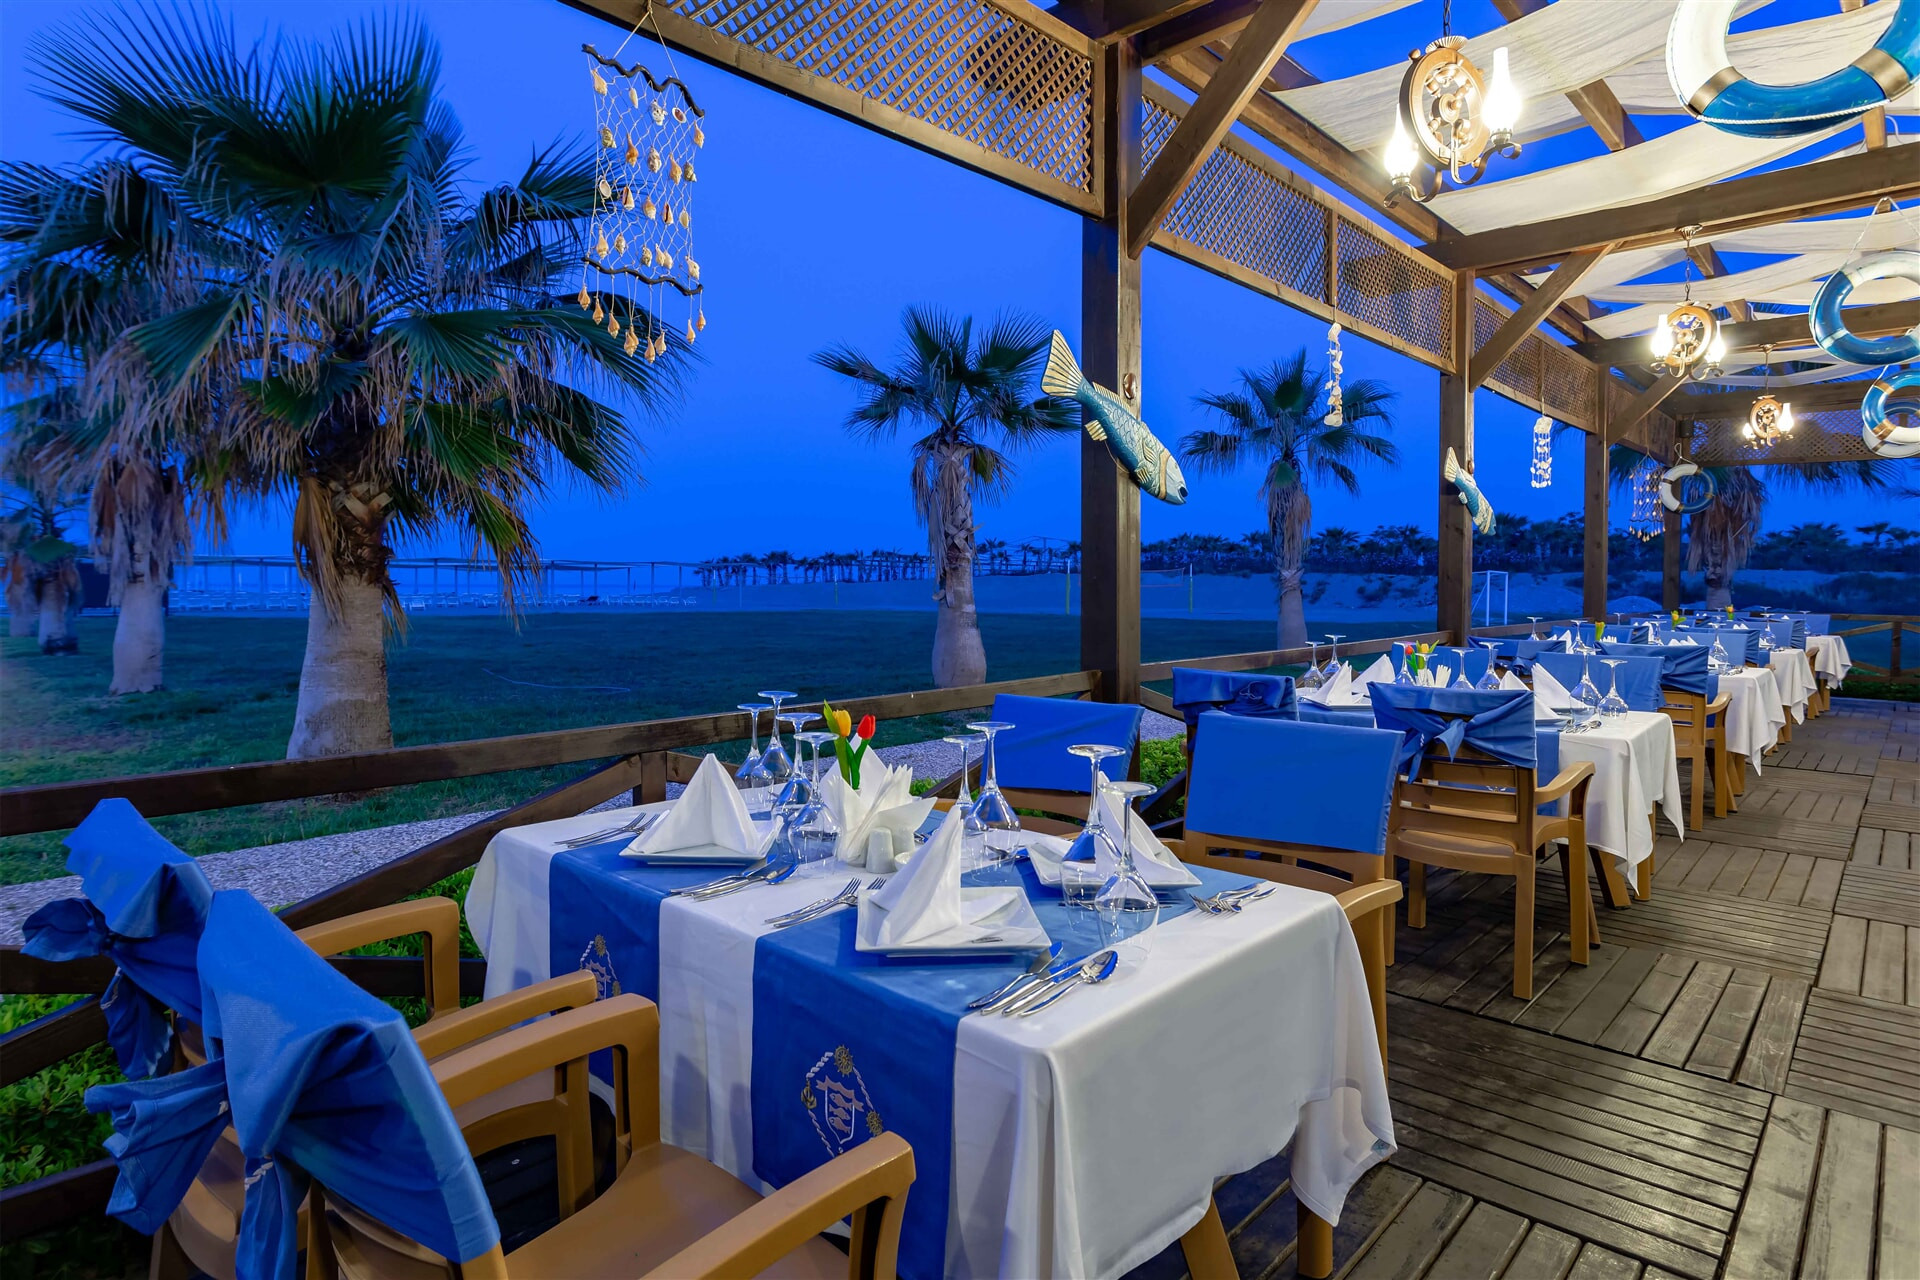 Sezonluk balık ve deniz mahsülleri menümüz, romantik bir ortam ve manzarar ile akşamlarınıza renk katacak.